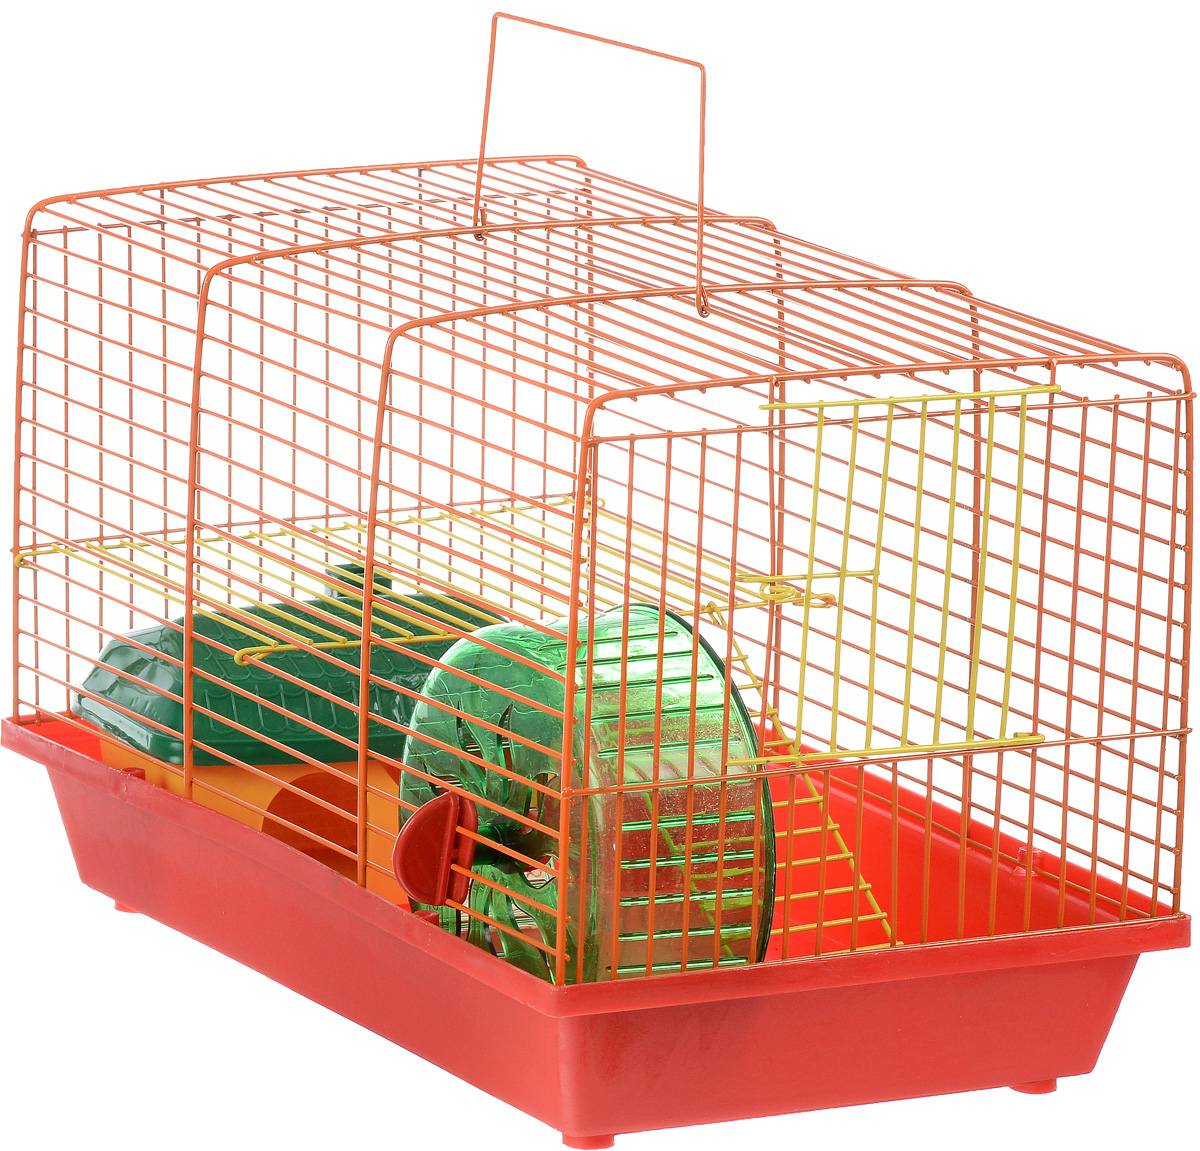 Клетка для грызунов ЗооМарк, 2-этажная, цвет: красный поддон, оранжевая решетка, желтый этаж, 36 х 22 х 24 см0120710Клетка ЗооМарк, выполненная из полипропилена и металла, подходит для мелких грызунов. Изделие двухэтажное, оборудовано колесом для подвижных игр и пластиковым домиком. Клетка имеет яркий поддон, удобна в использовании и легко чистится. Сверху имеется ручка для переноски, а сбоку удобная дверца. Такая клетка станет уединенным личным пространством и уютным домиком для маленького грызуна.